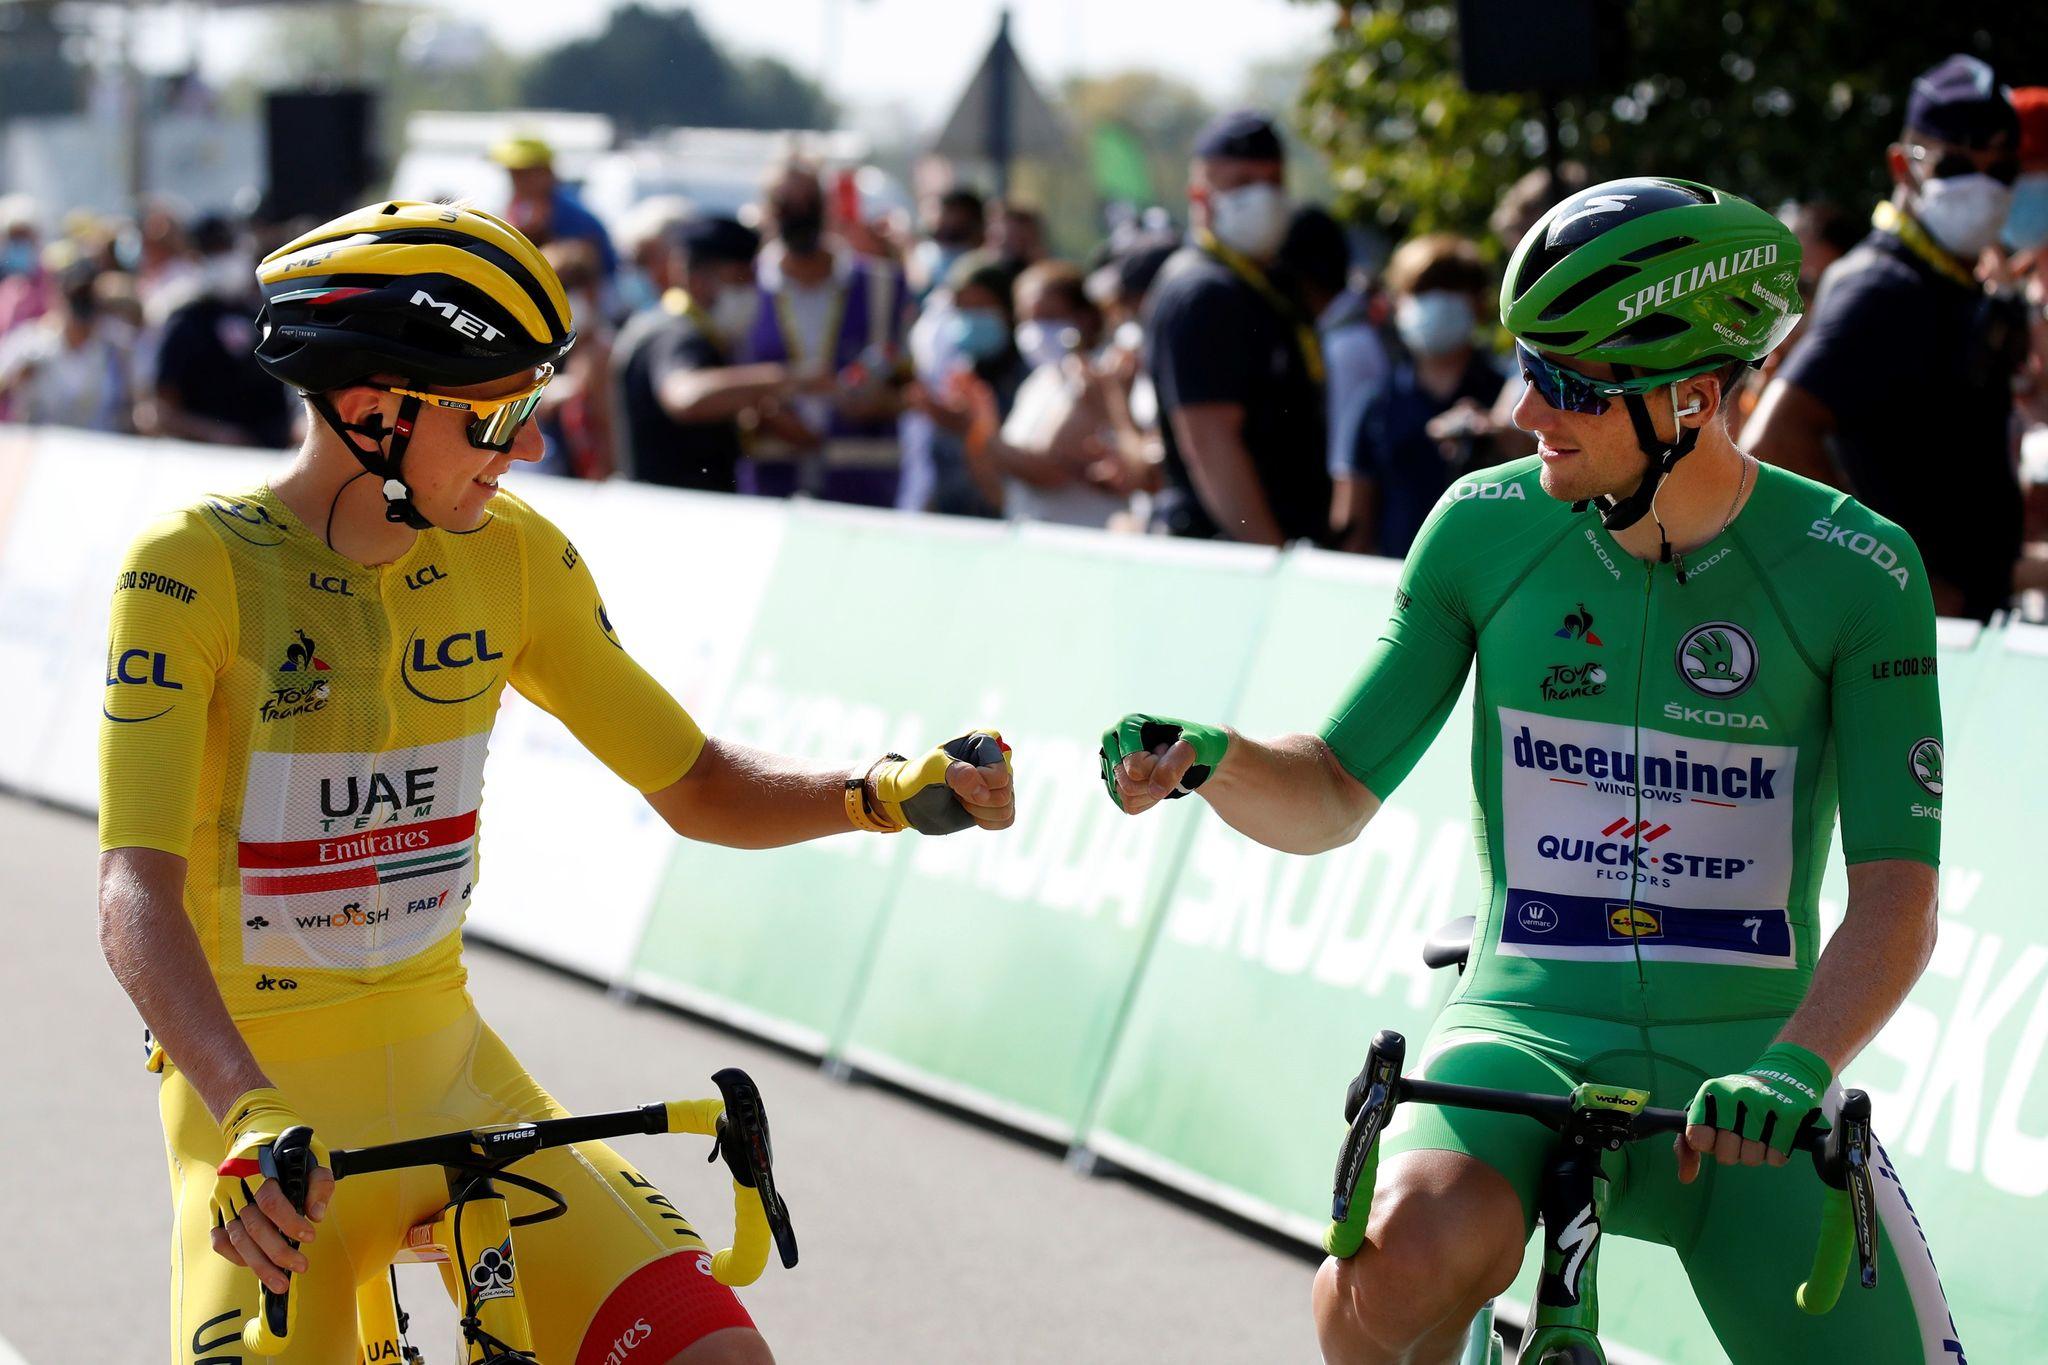 -FOTODELDÍA- EA7946. MANTES LA JOLIE (FRANCIA), 20/09/2020.- El ciclista esloveno Tadej lt;HIT gt;Pogacar lt;/HIT gt; (i), ataviado con el maillot amarillo de líder de la general, saluda al irlandés Sam Bennett, que luce el maillot verde de mejor esprinter, antes de la vigésimo primera etapa del Tour de Francia, de 122 kilómetros entre las localidades de Mantes la Jolie y París, este domingo. EFE/ Sebastien Nogier